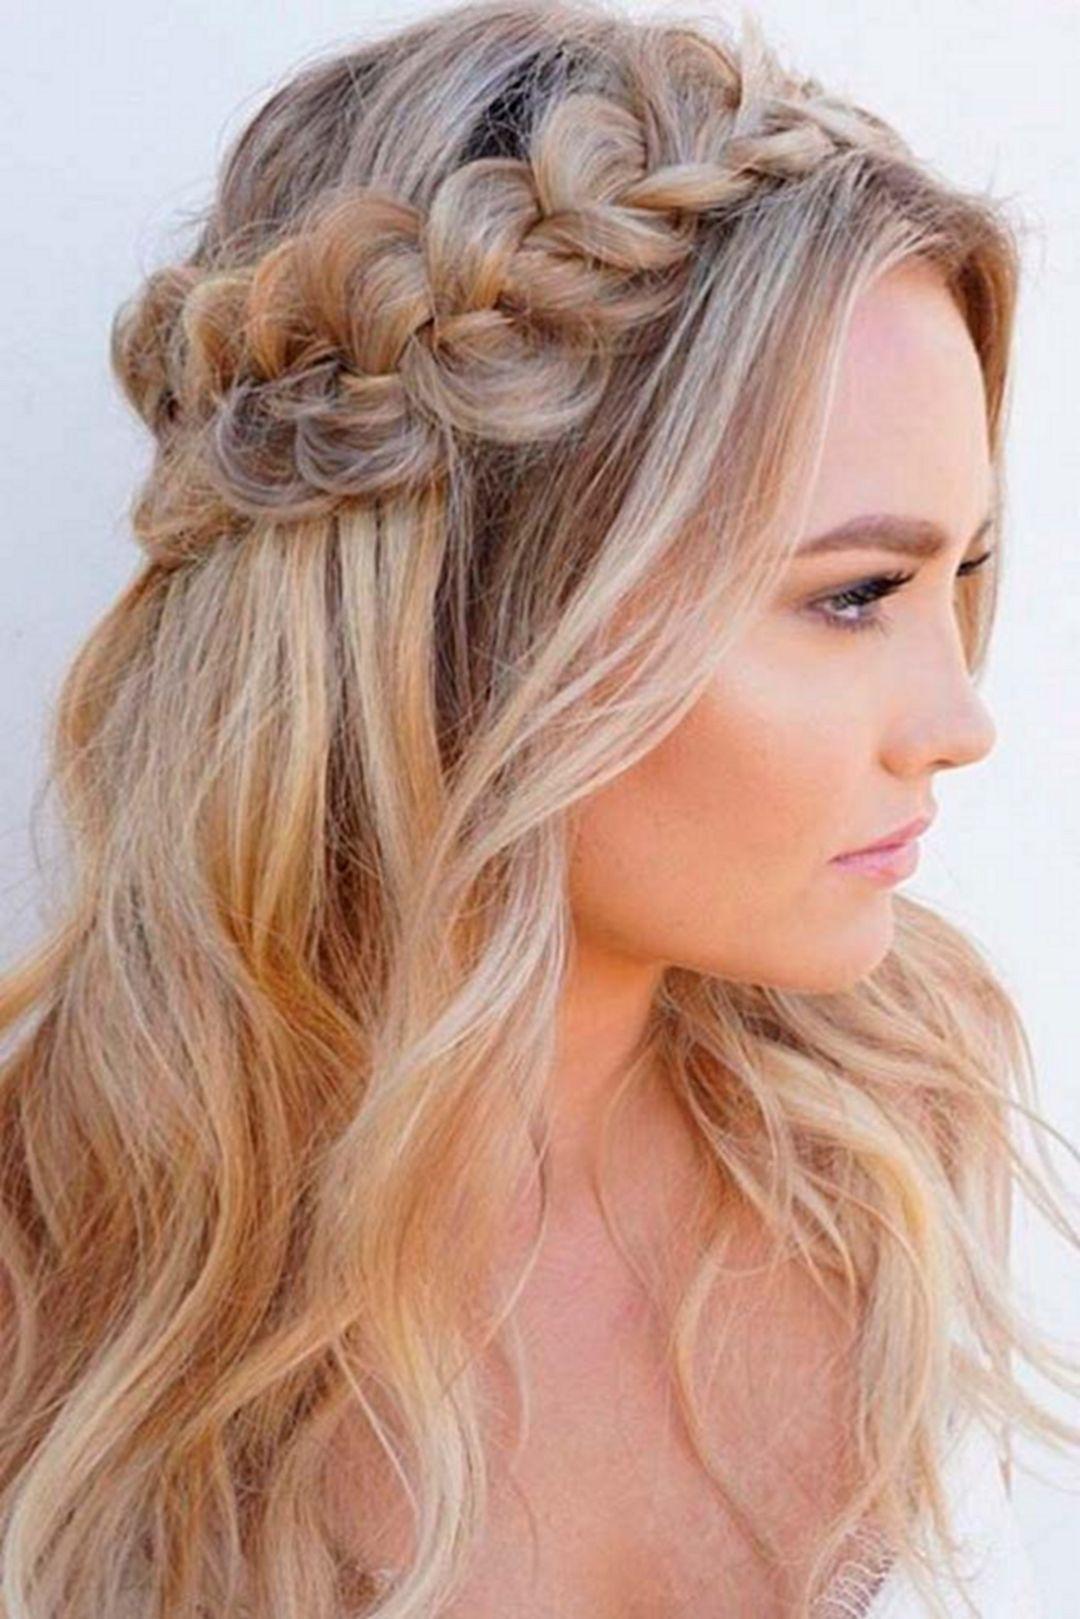 19+ Extraordinary Hairstyles For Medium Length Hair Ideas ...